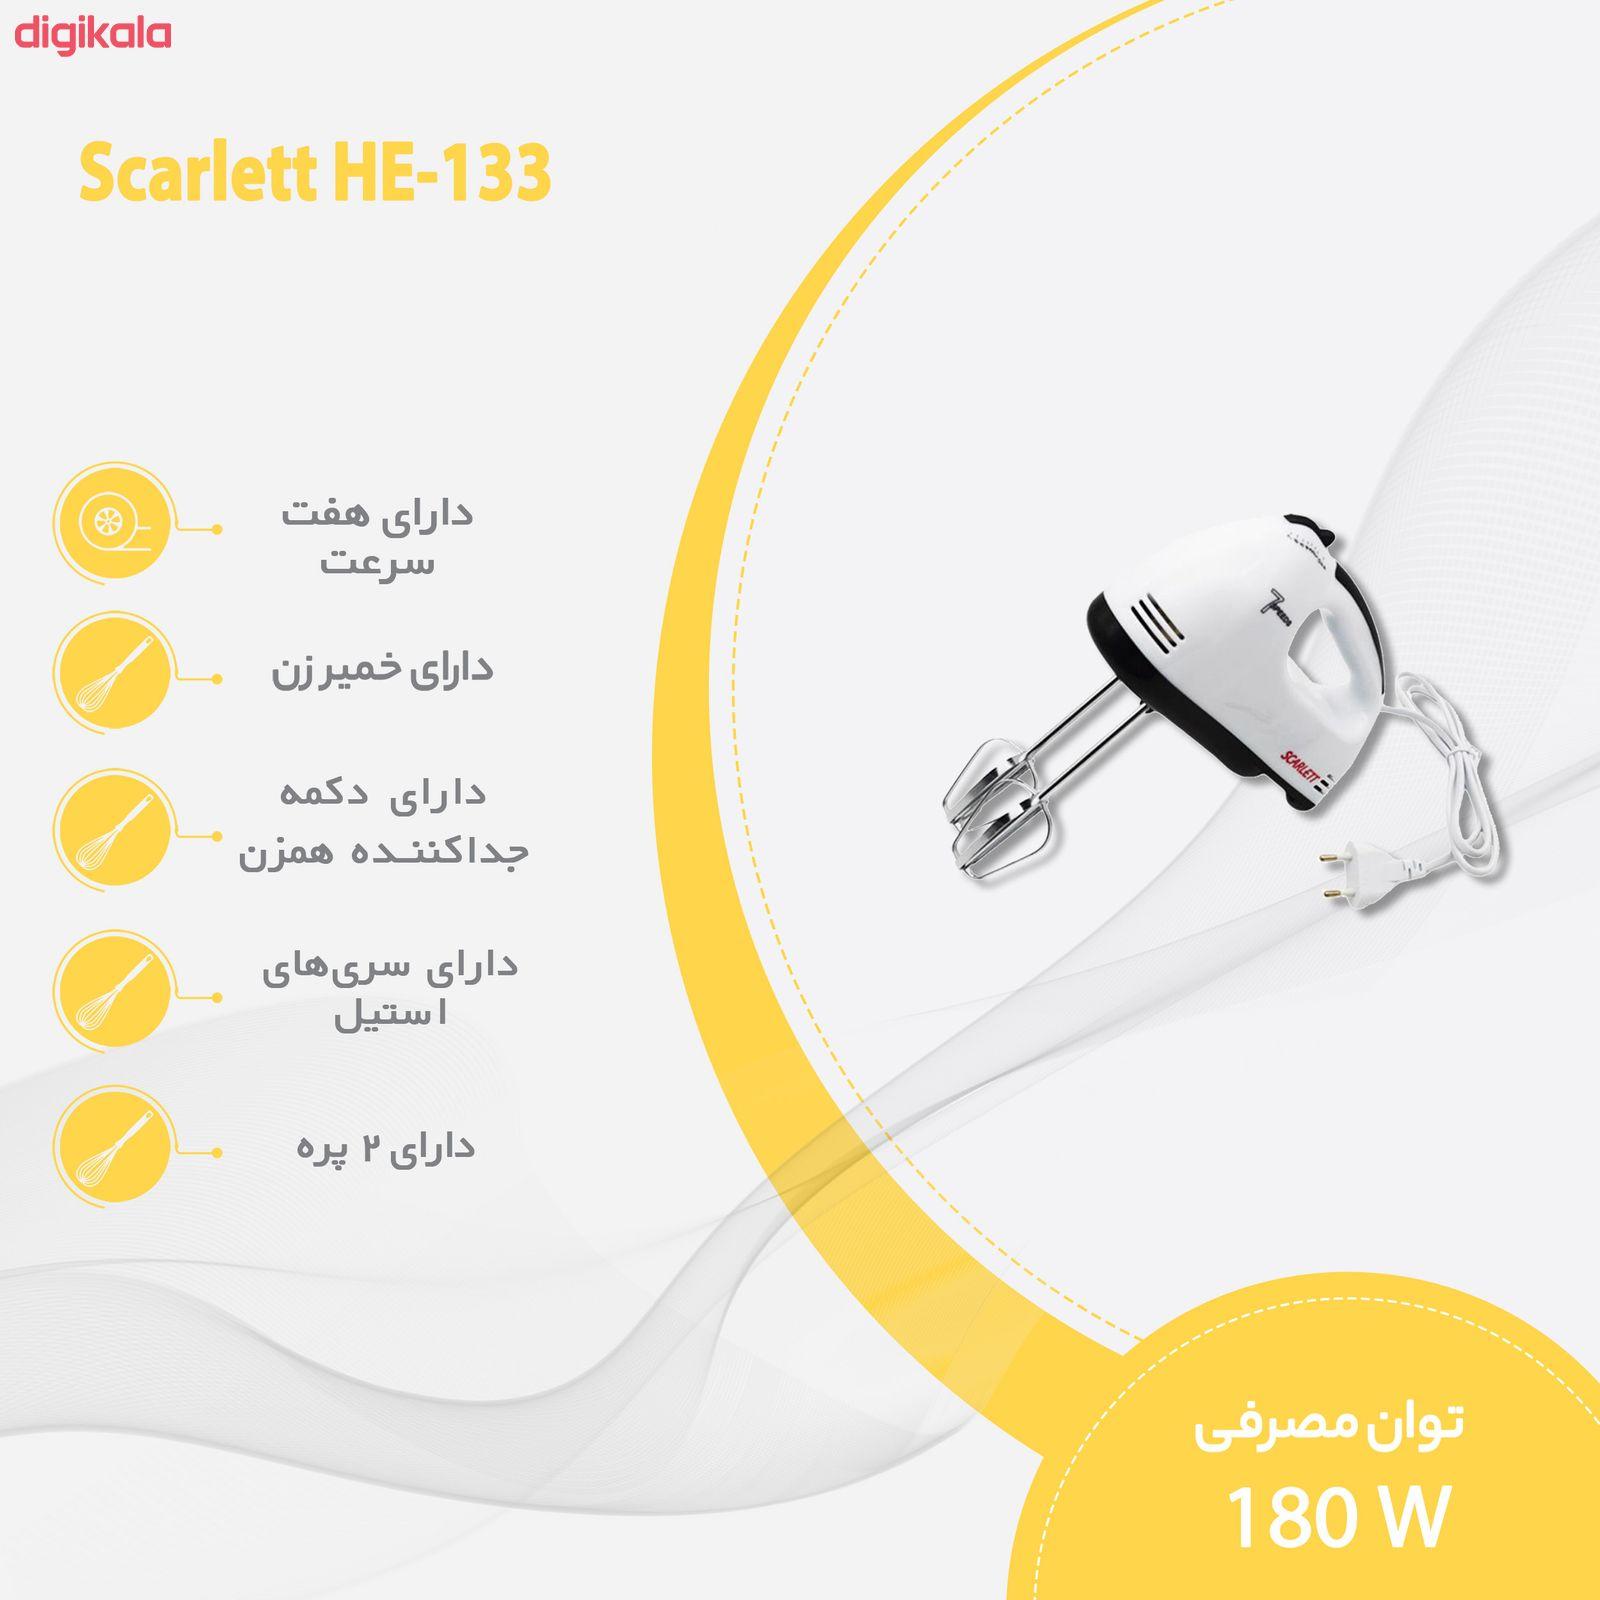 همزن برقی اسکارلت مدل HE-133 main 1 8